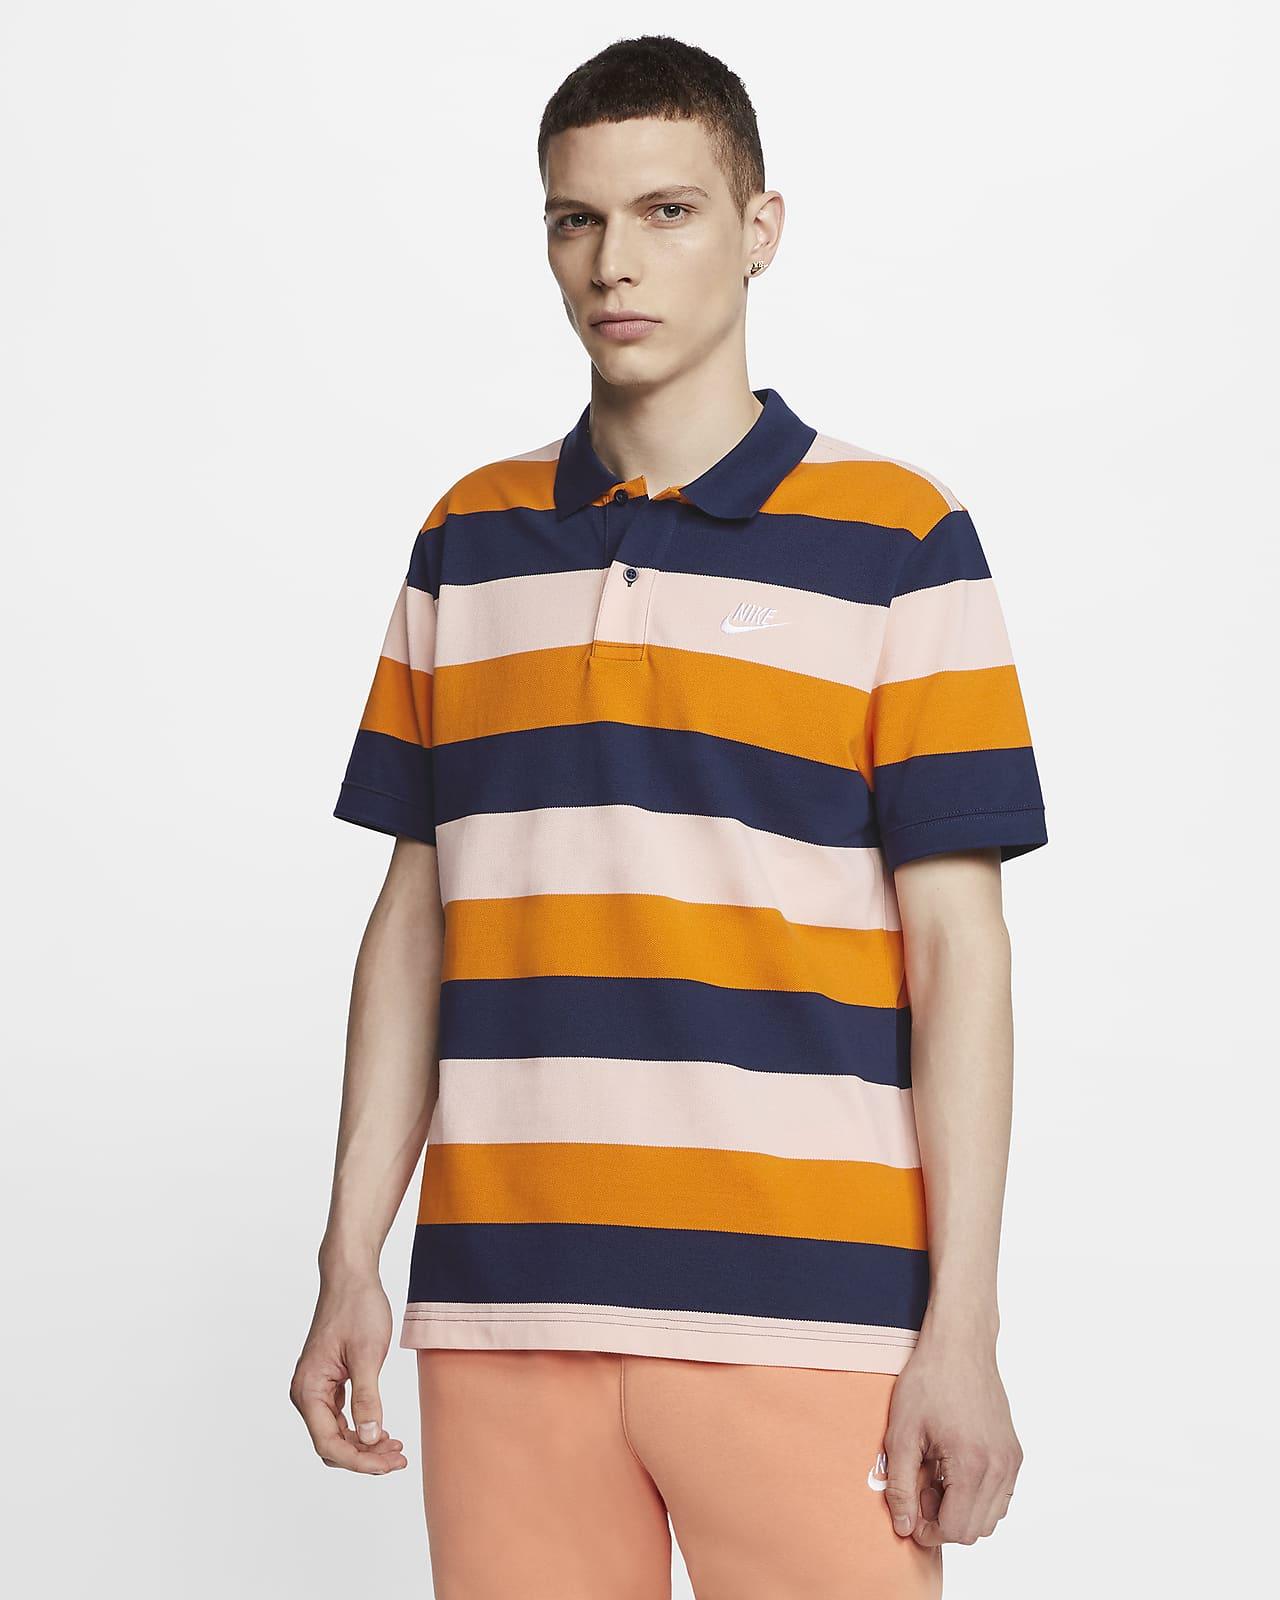 Nike Sportswear-polotrøje med striber til mænd